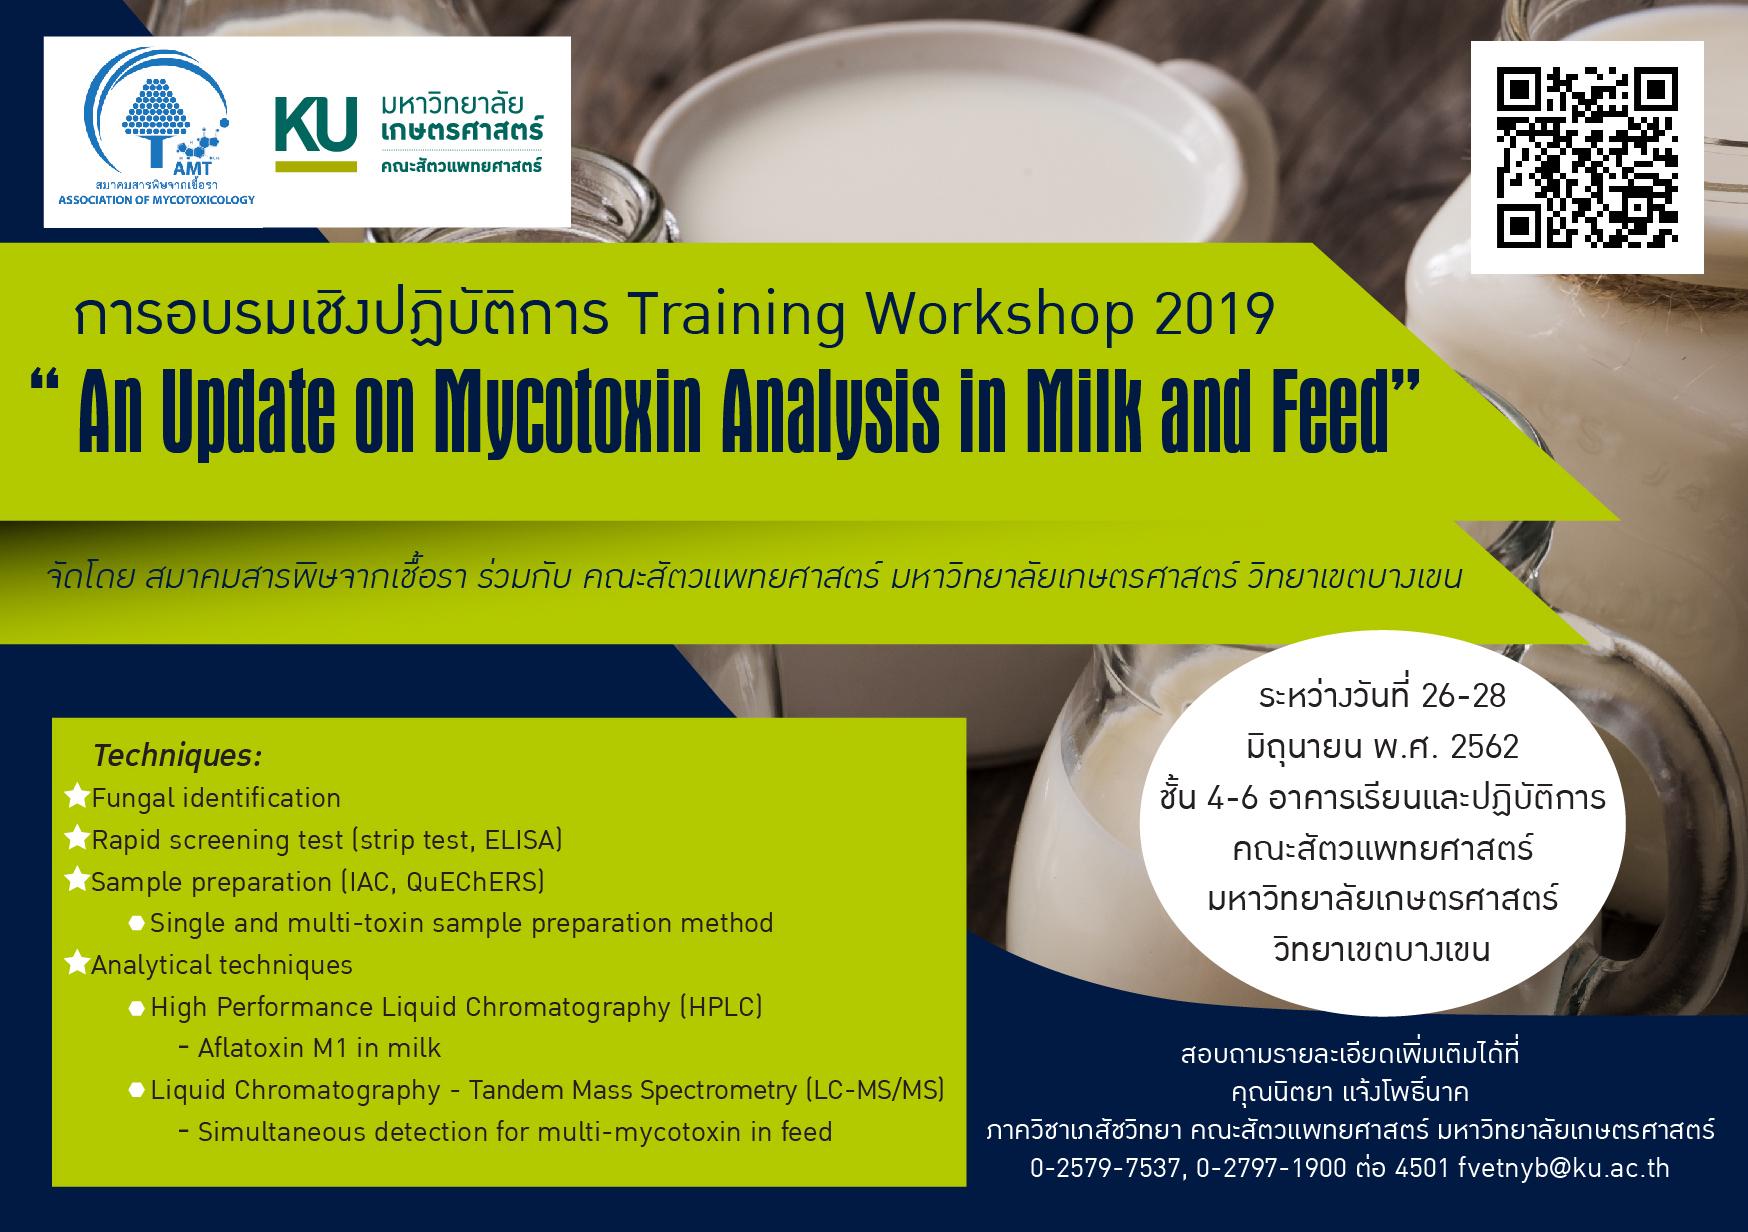 การอบรมเชิงปฏิบัติการ Training Workshop 2019